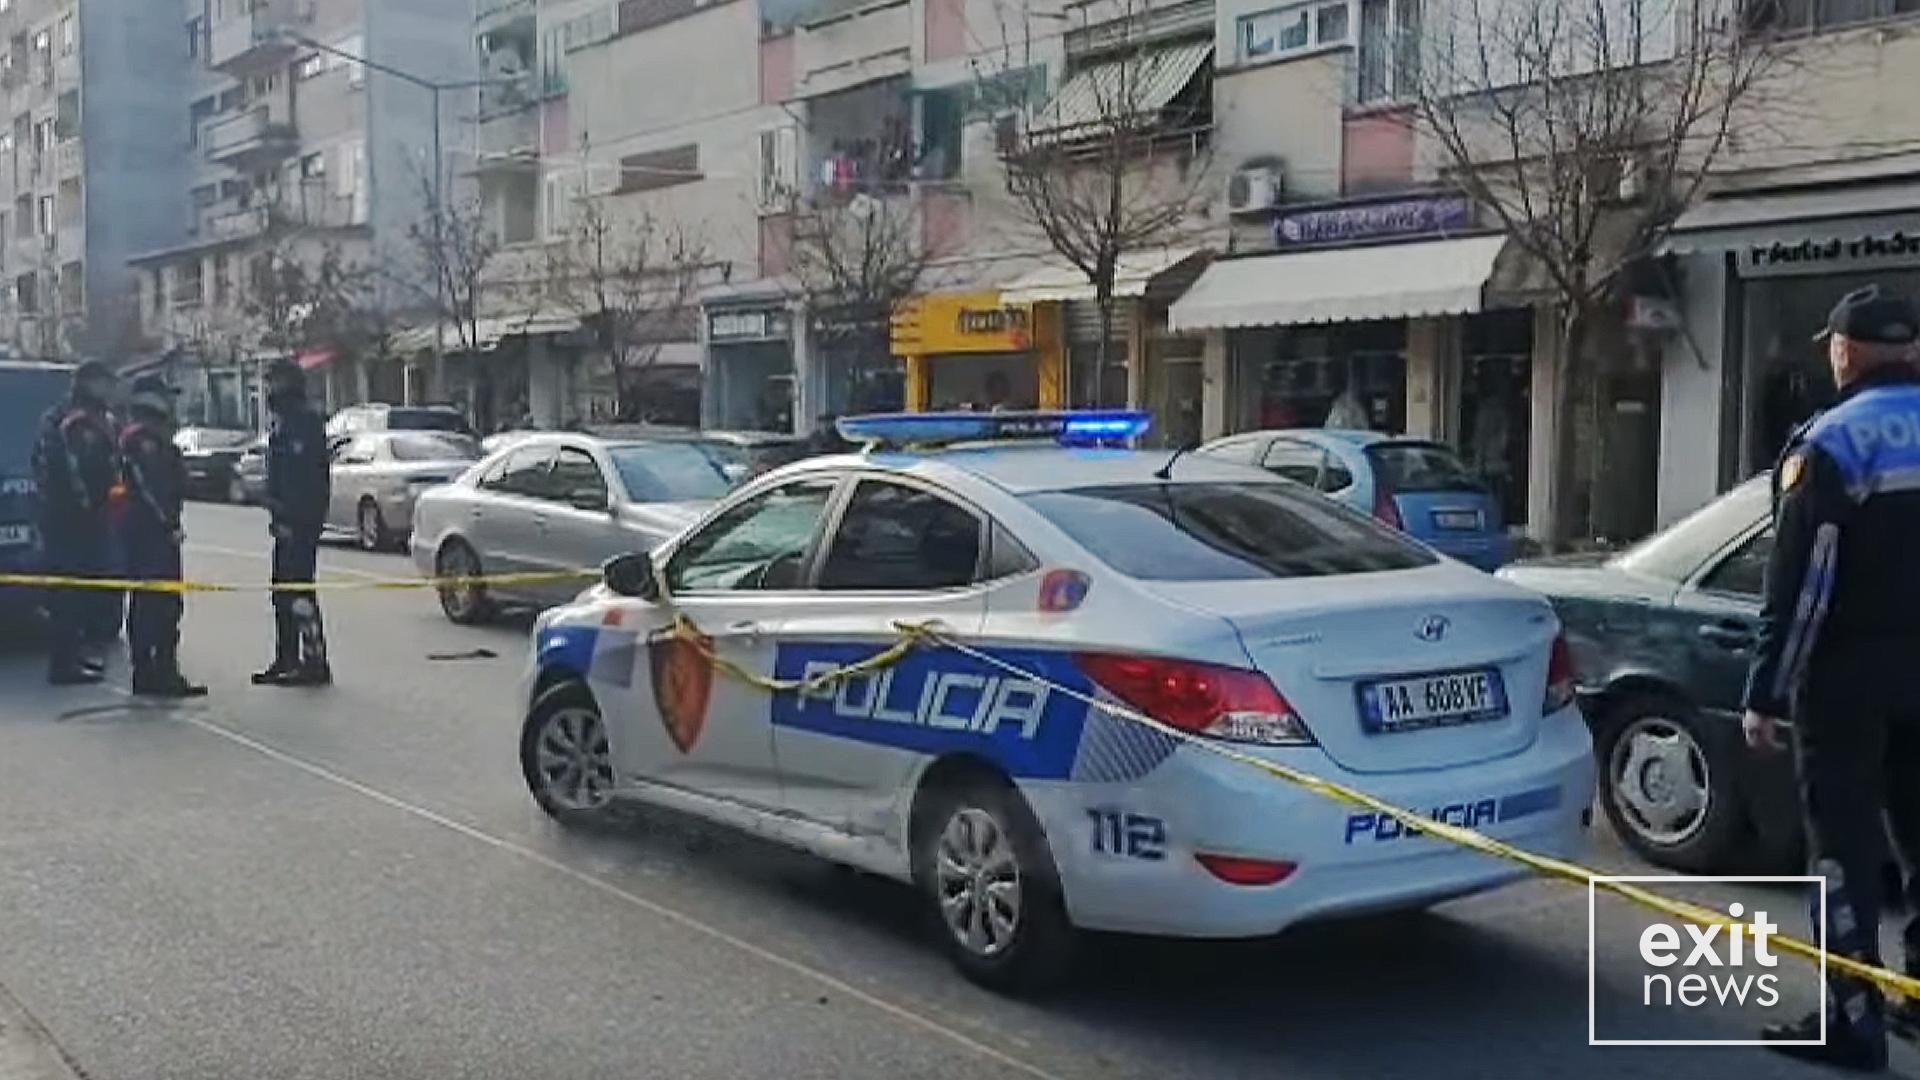 Sërish përplasje me armë në qytetin e Shkodrës